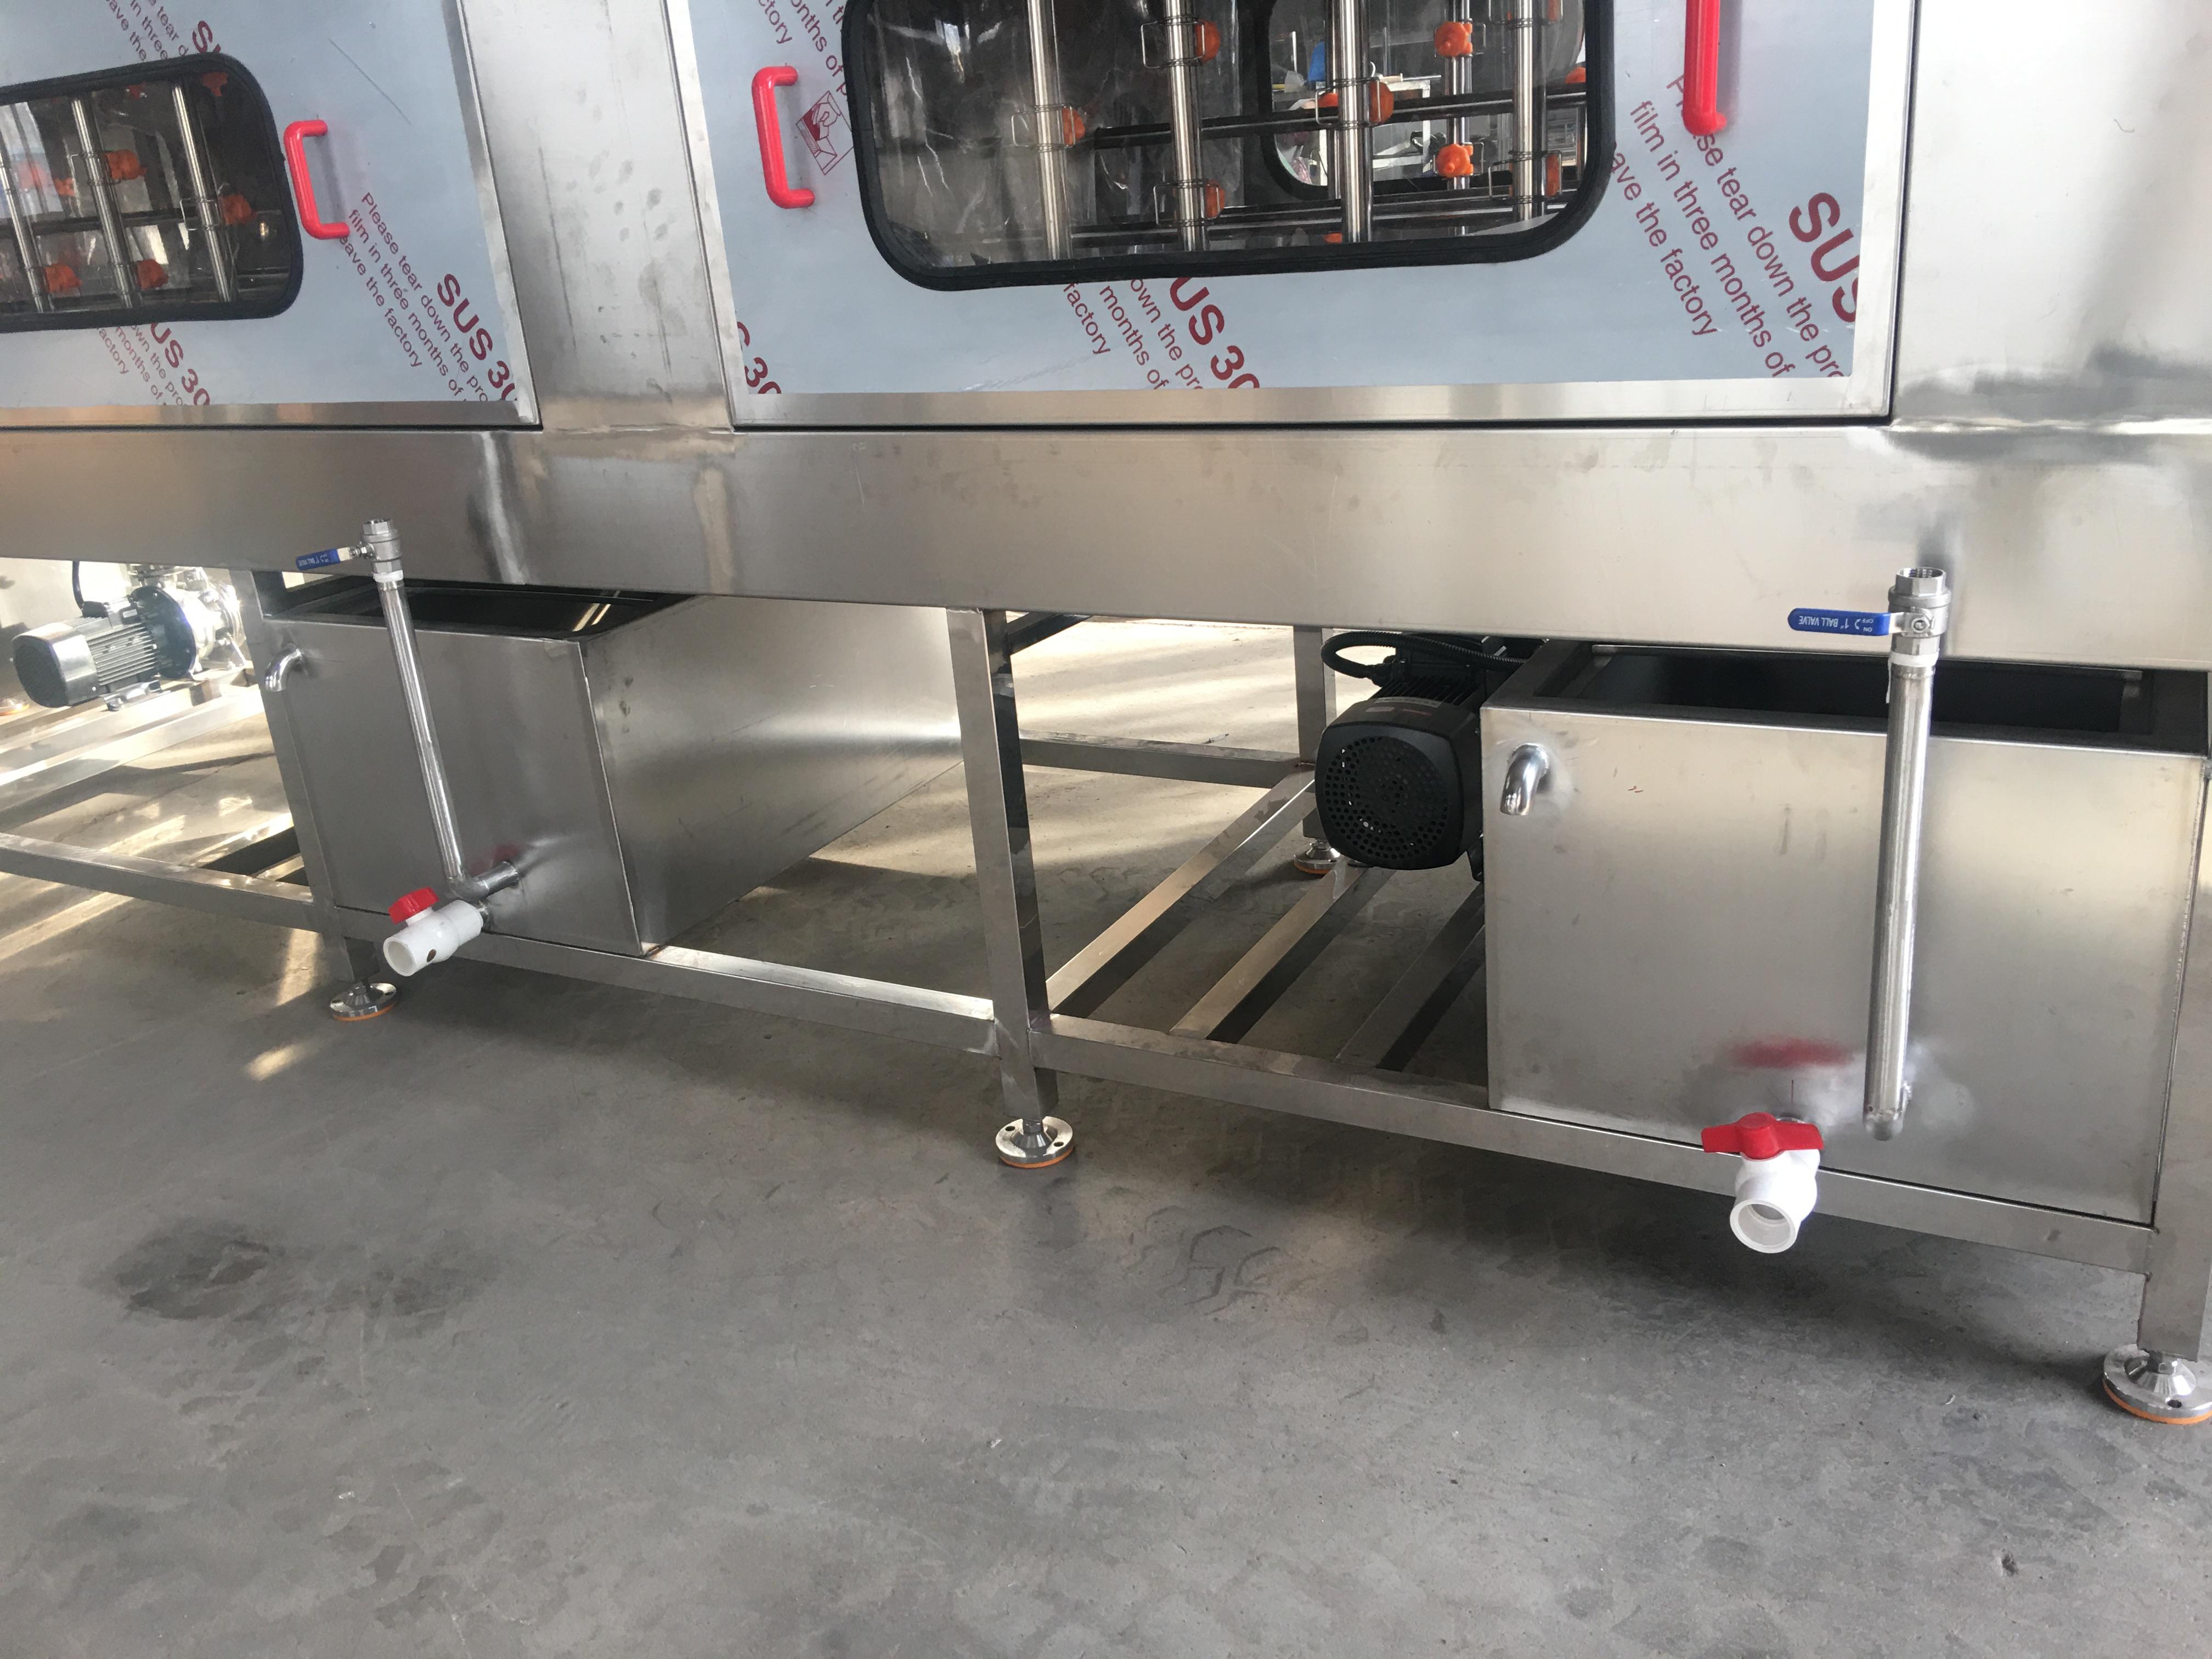 塑料豆制品筐清洗机 食品配送筐清洗机 高压喷淋洗筐机